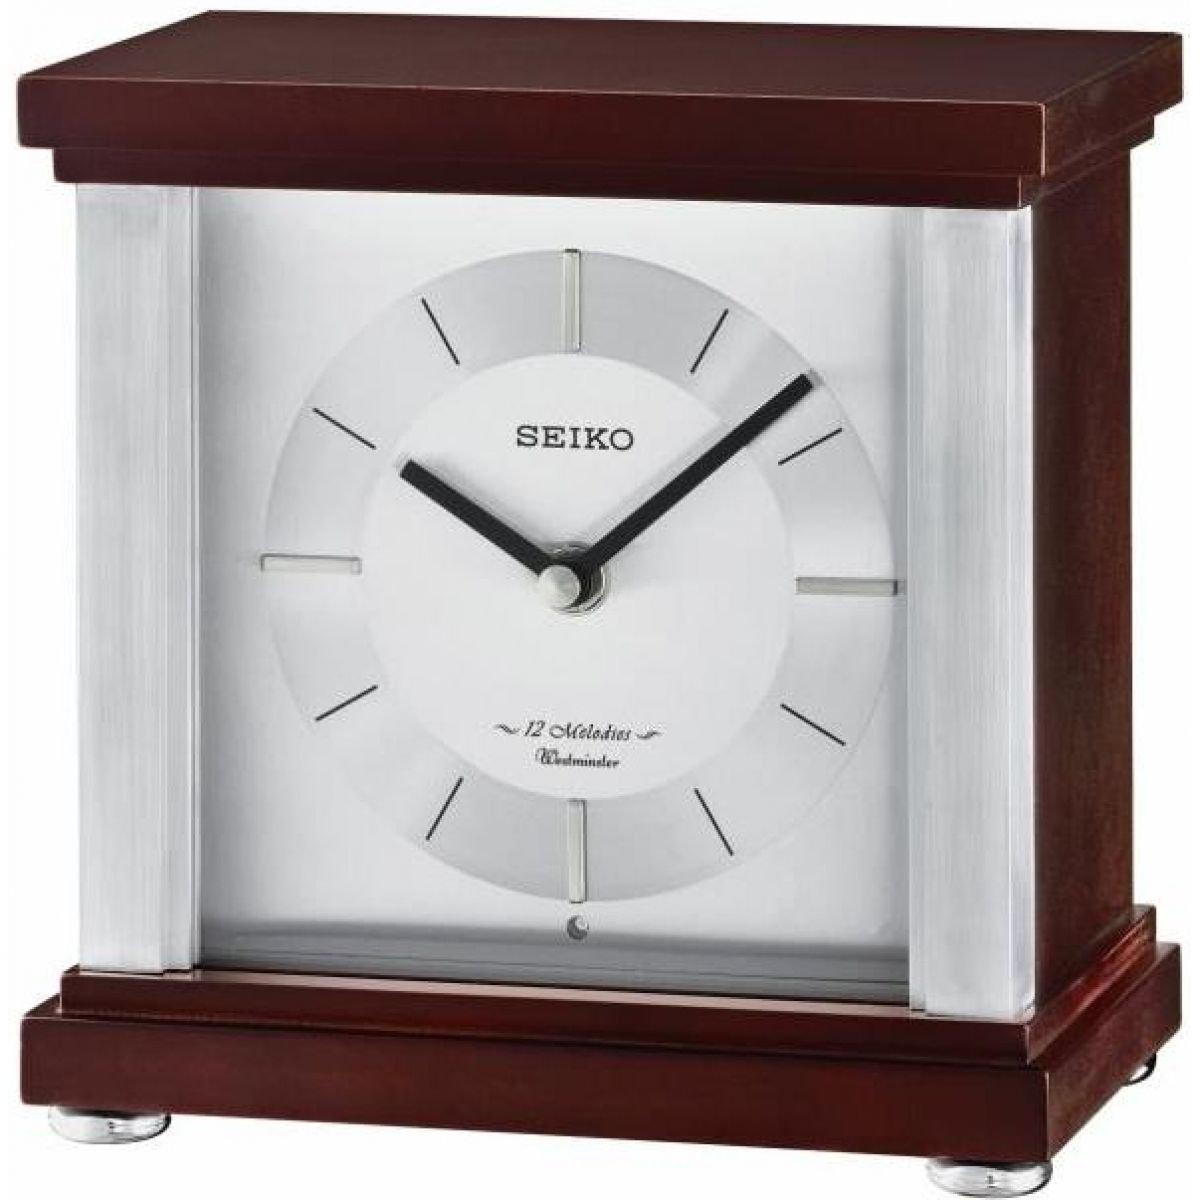 Seiko Melodie 12-Orologio Westminster da Camino in Legno, Legno, Colore: Marrone QXW247B